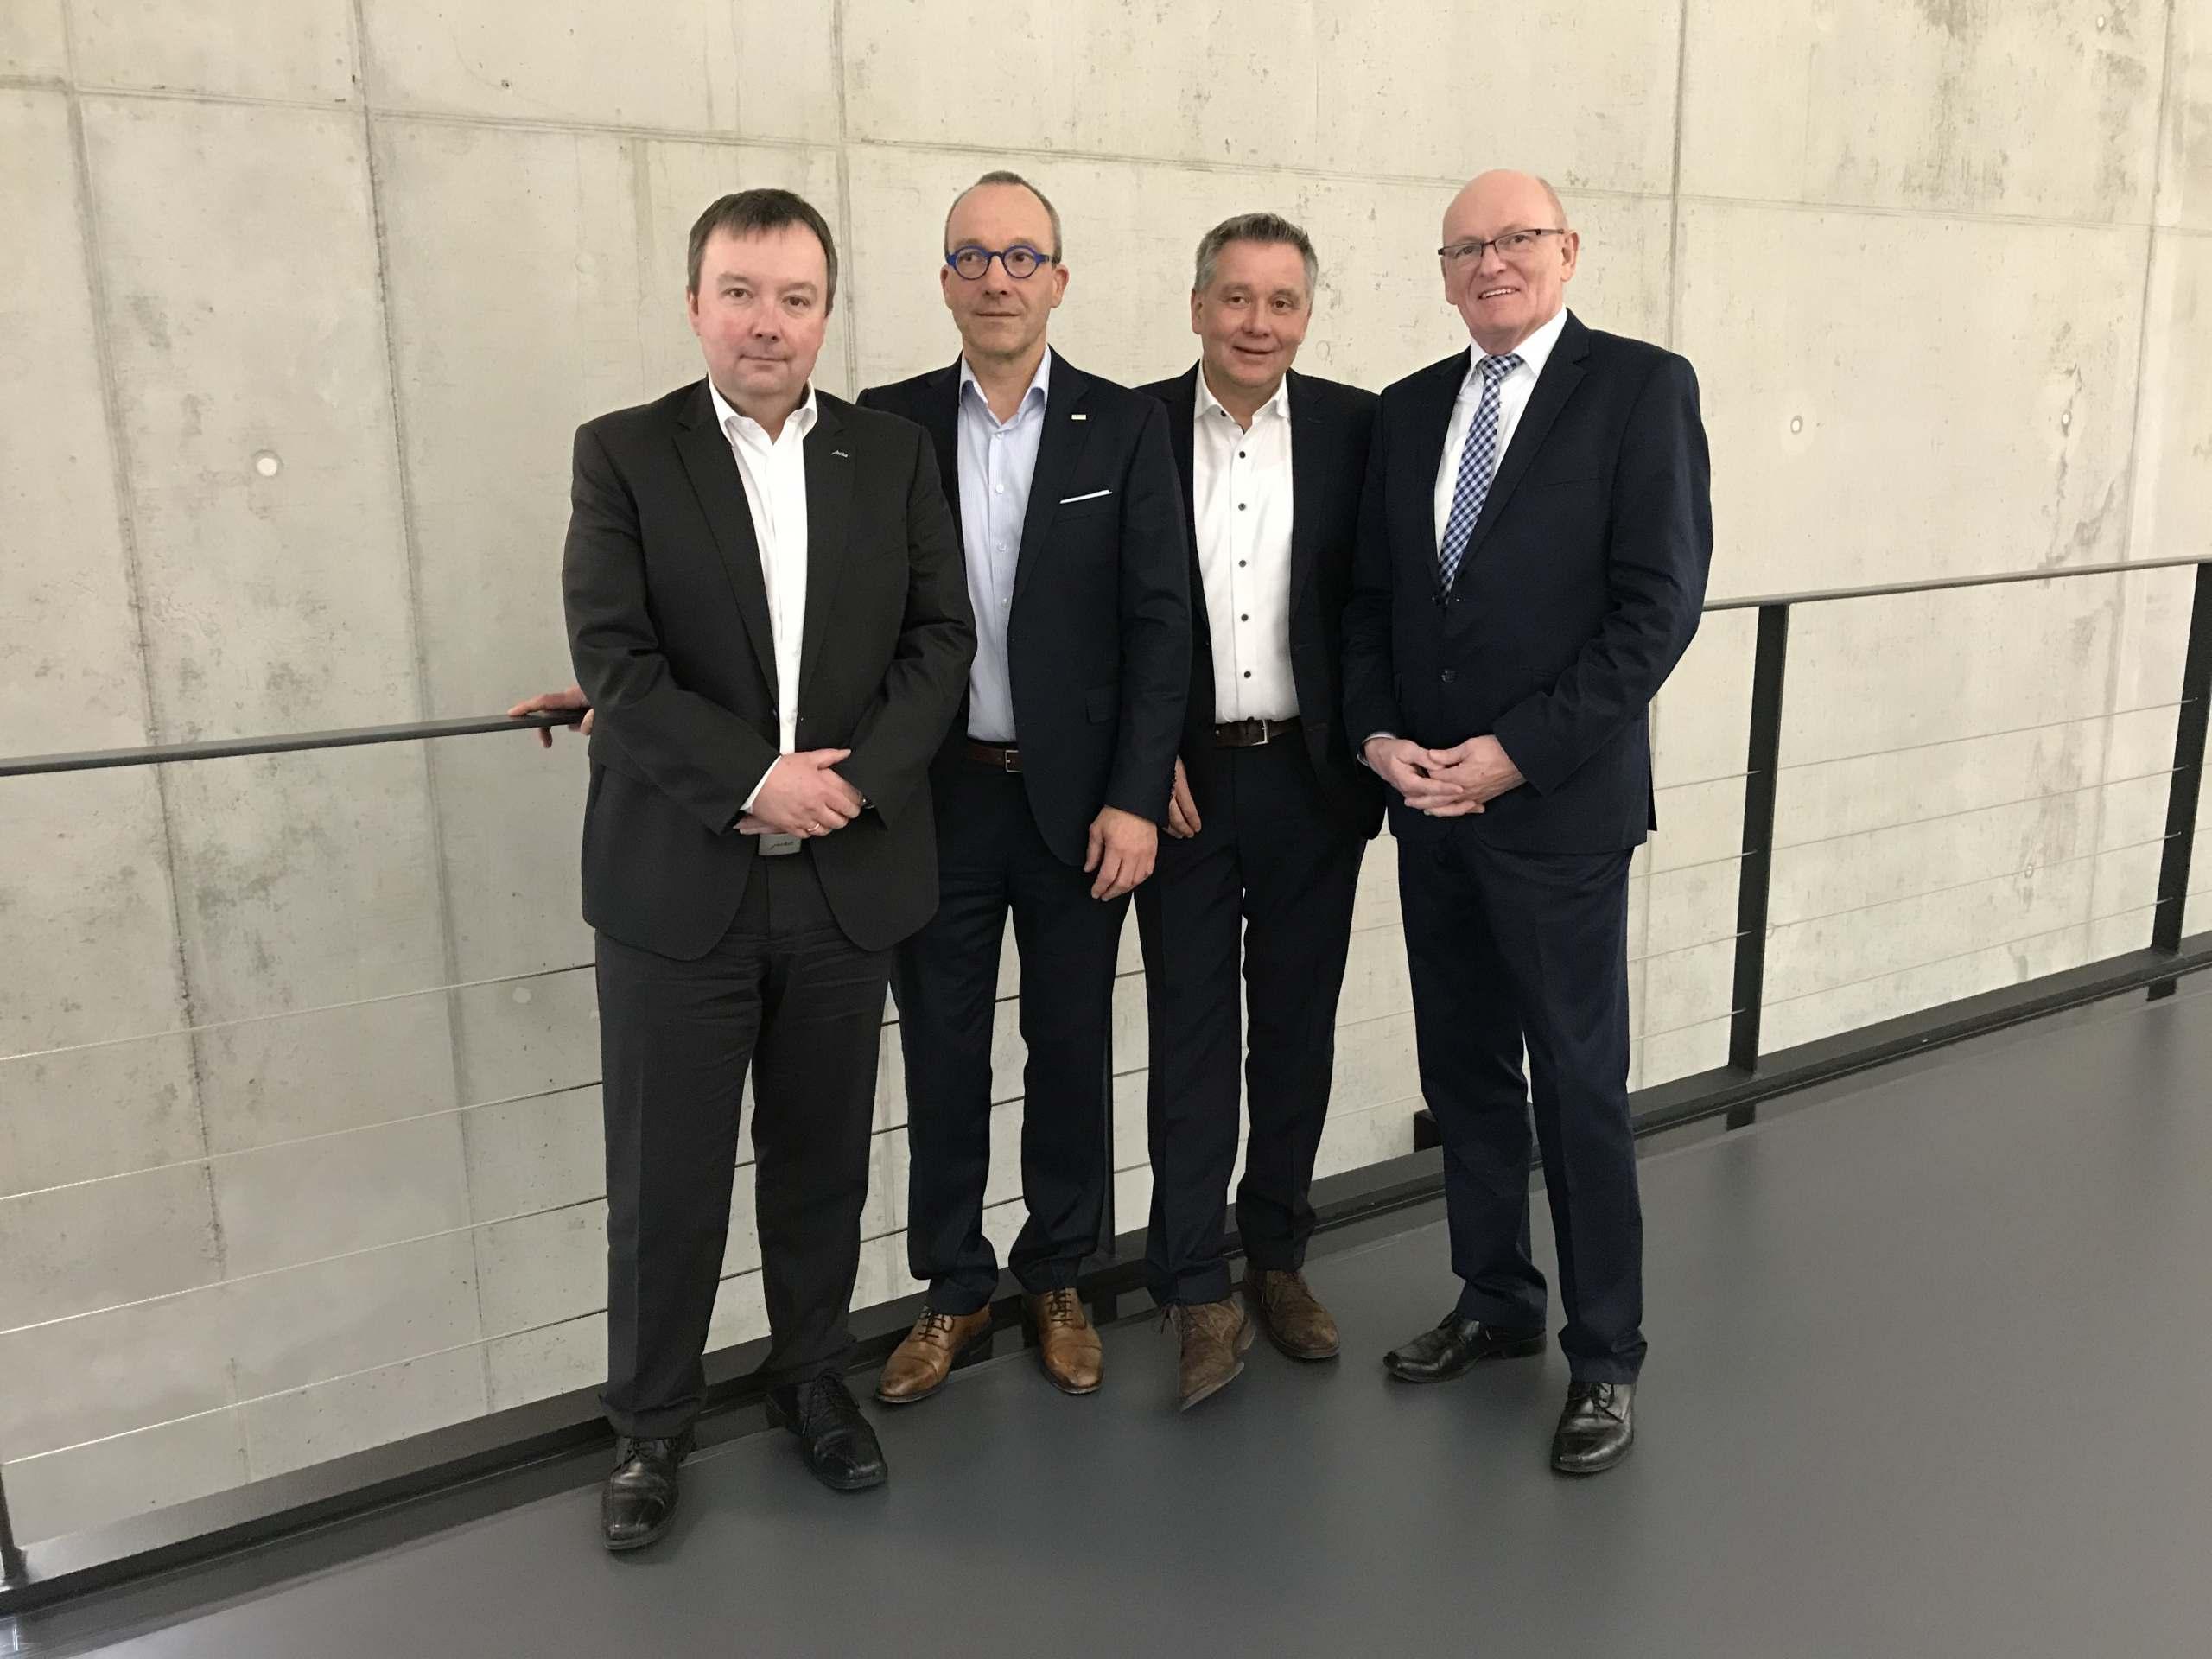 Der Vorstand von ProBusiness wünscht zusammen mit seinen Mitgliedern Franz Schnur für die Zukunft alles Gute.